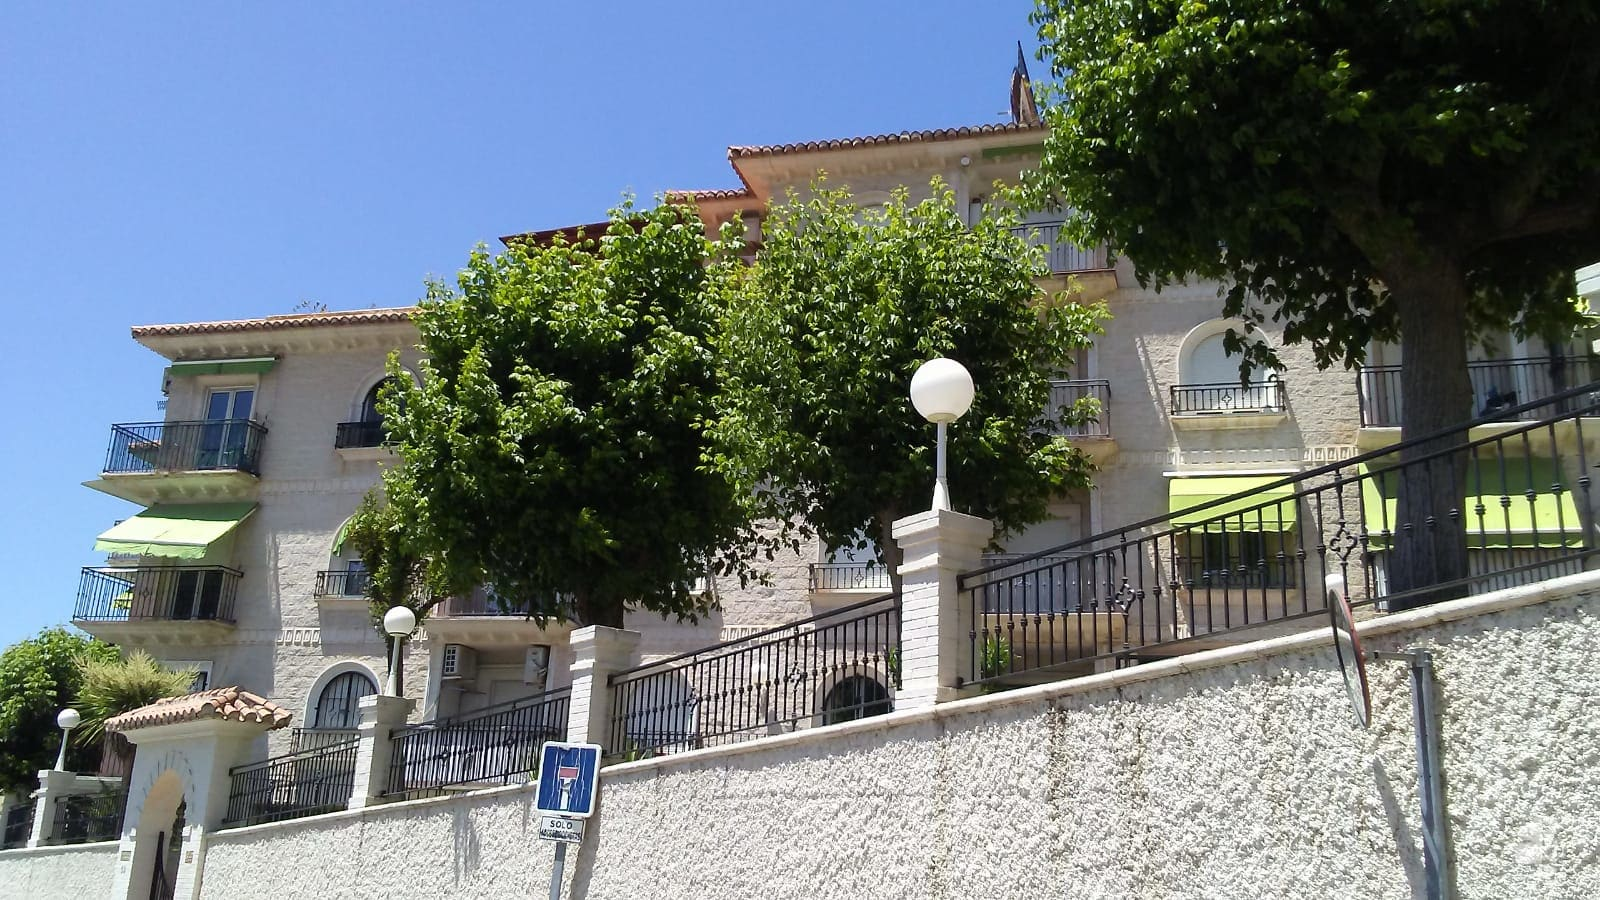 Piso en venta en Cenes de la Vega, Cenes de la Vega, Granada, Calle Maria Uceda Diaz, 61.615 €, 1 habitación, 1 baño, 98 m2